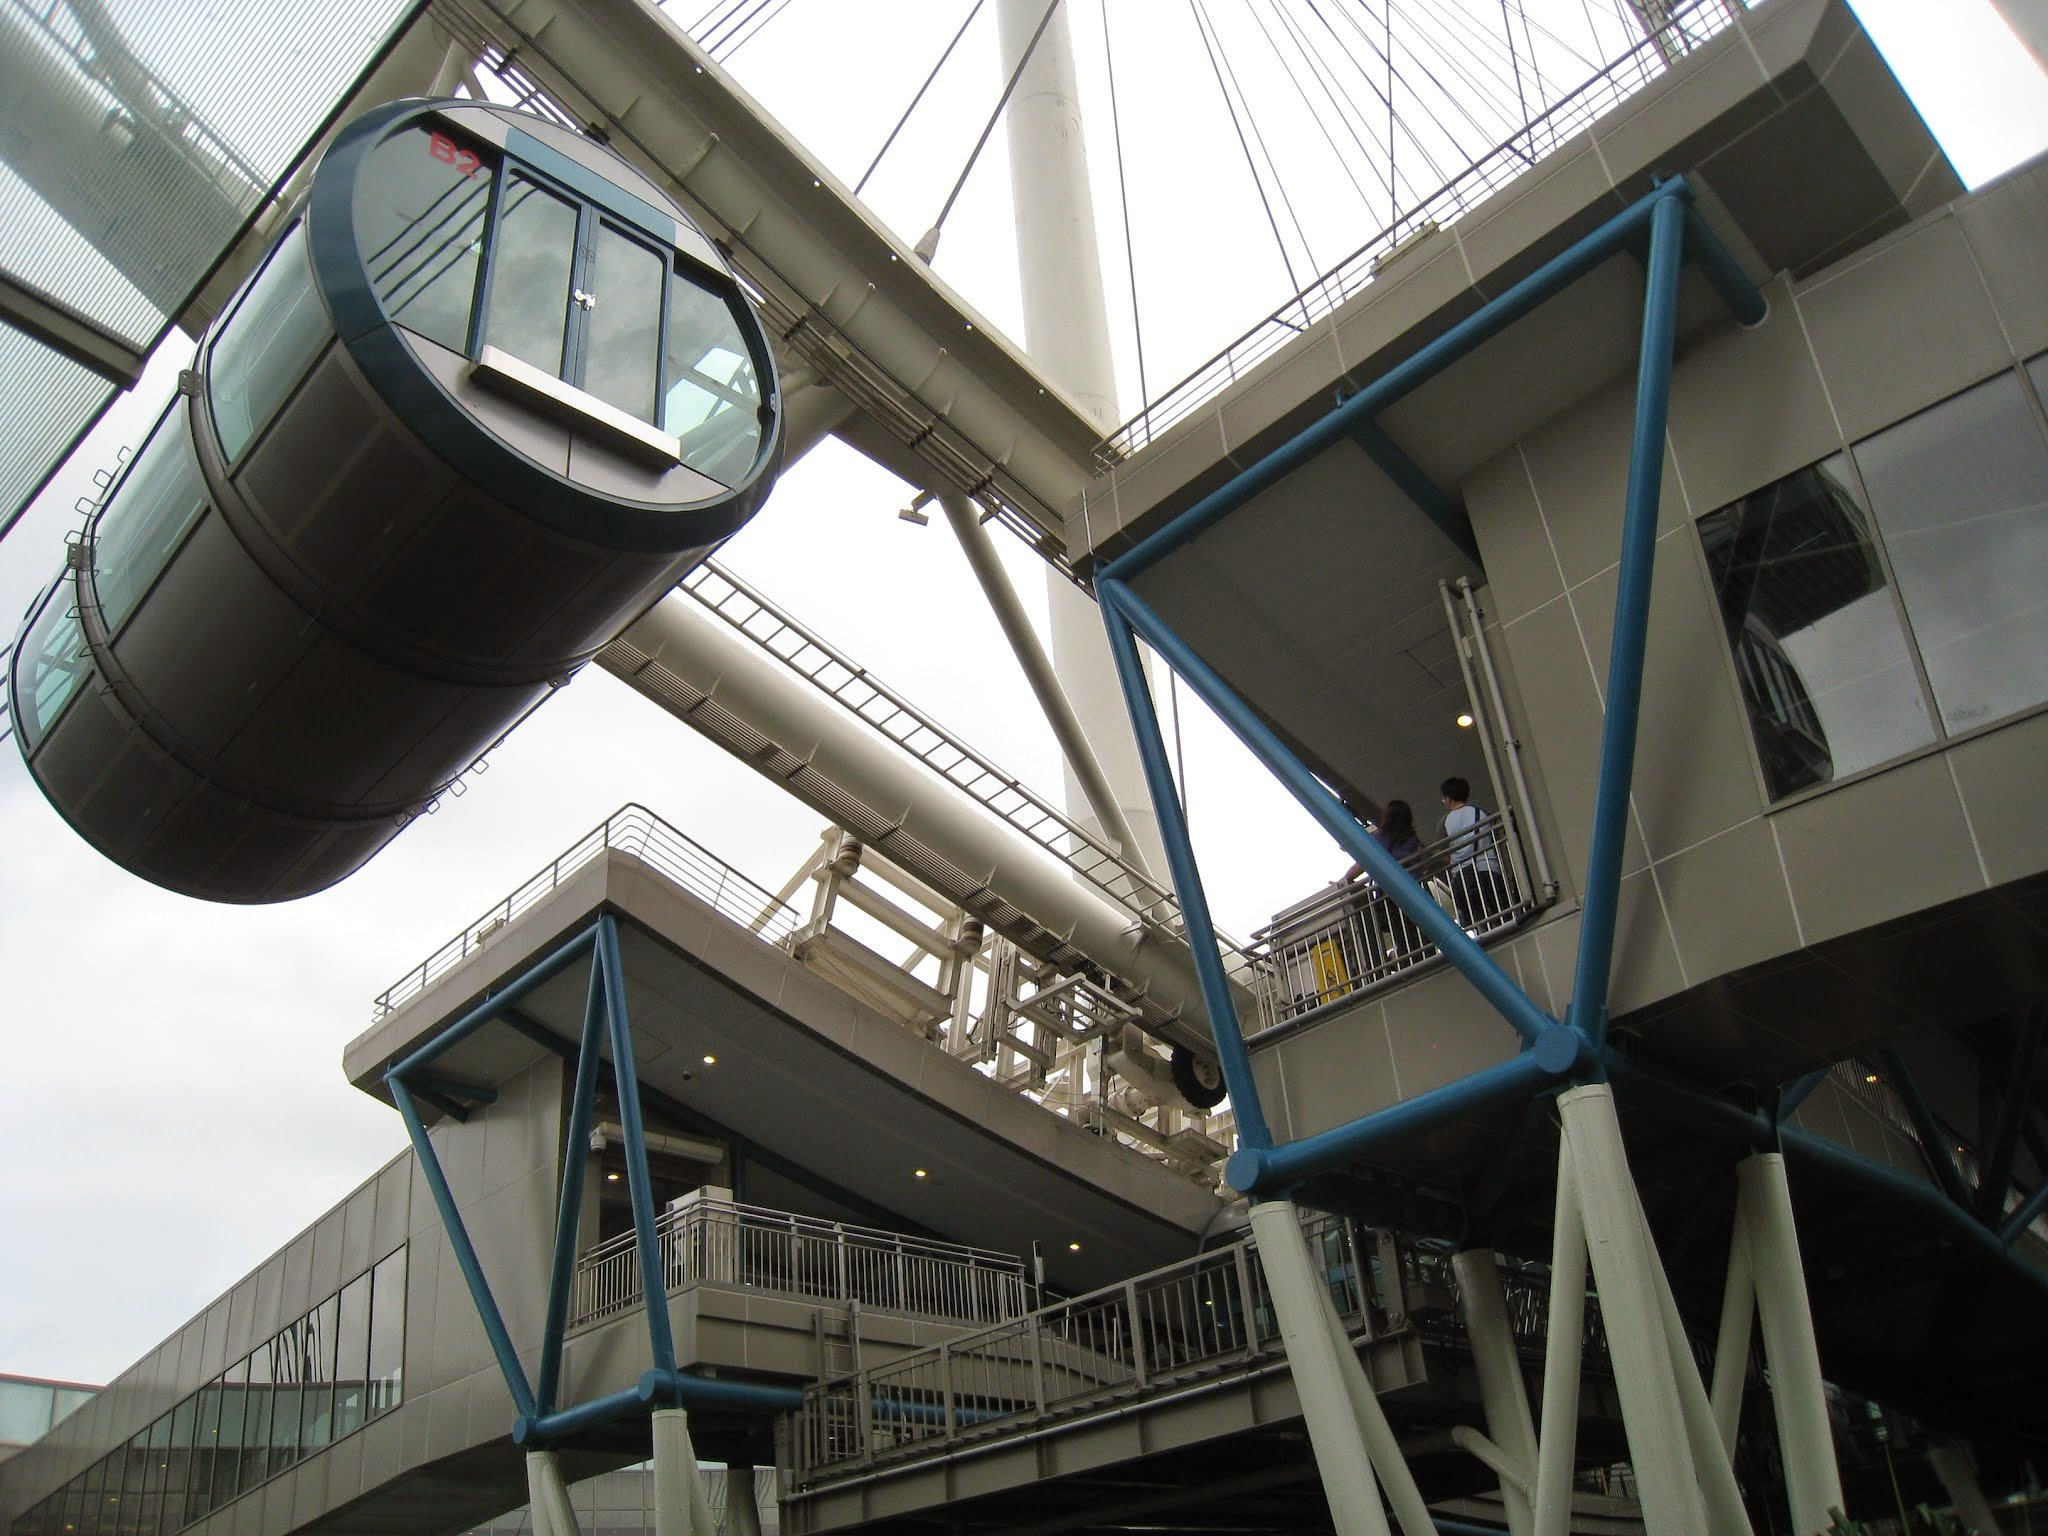 [新加坡] Singapore Flyer:全球最大巨型觀景輪,飽覽新加坡天際線